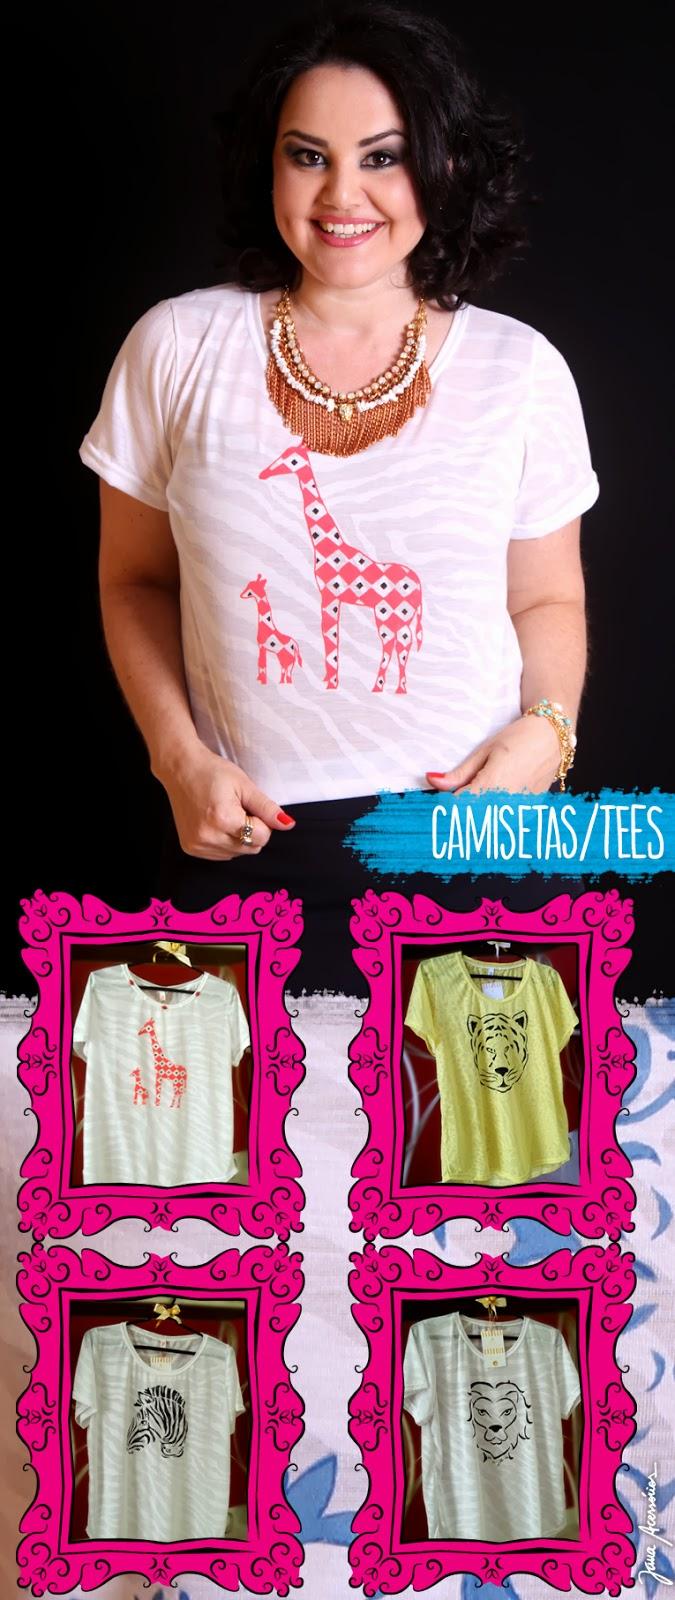 Camisetas artesanais, blogueira, joinville